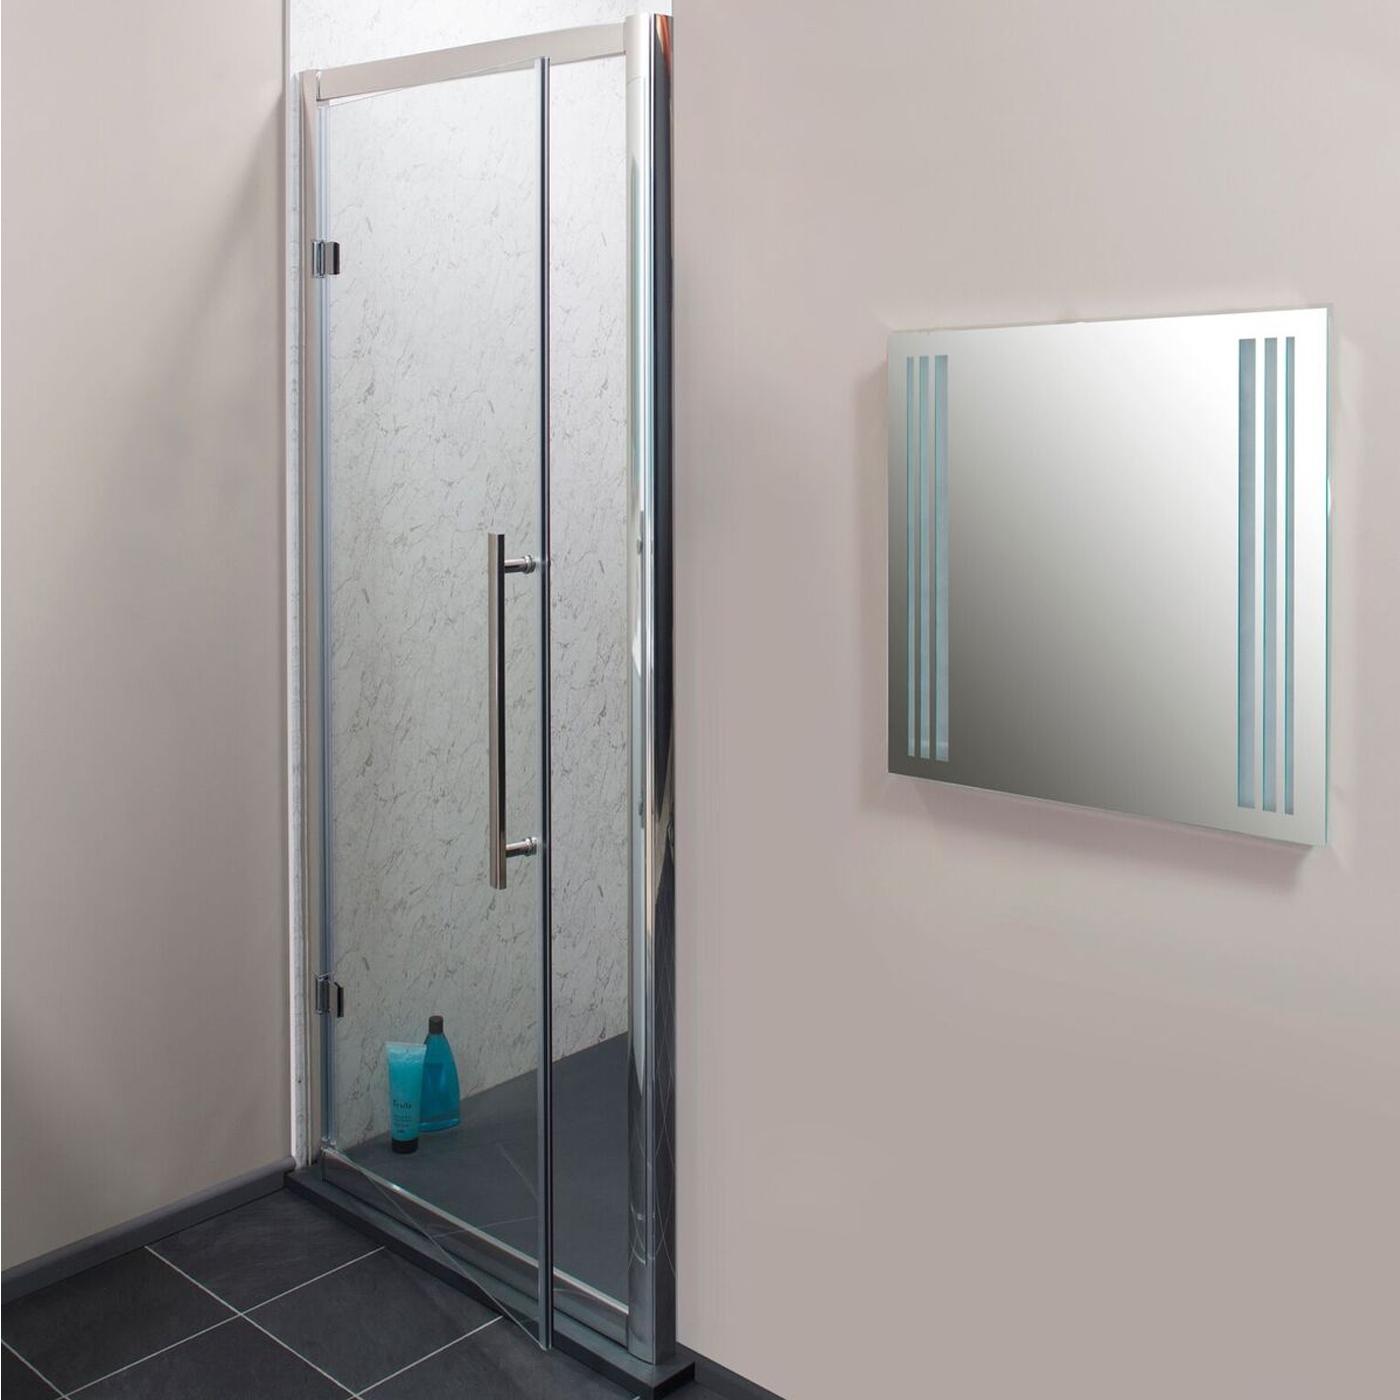 Cali Cass Eight Hinged Shower Door 900mm Wide - 8mm Glass